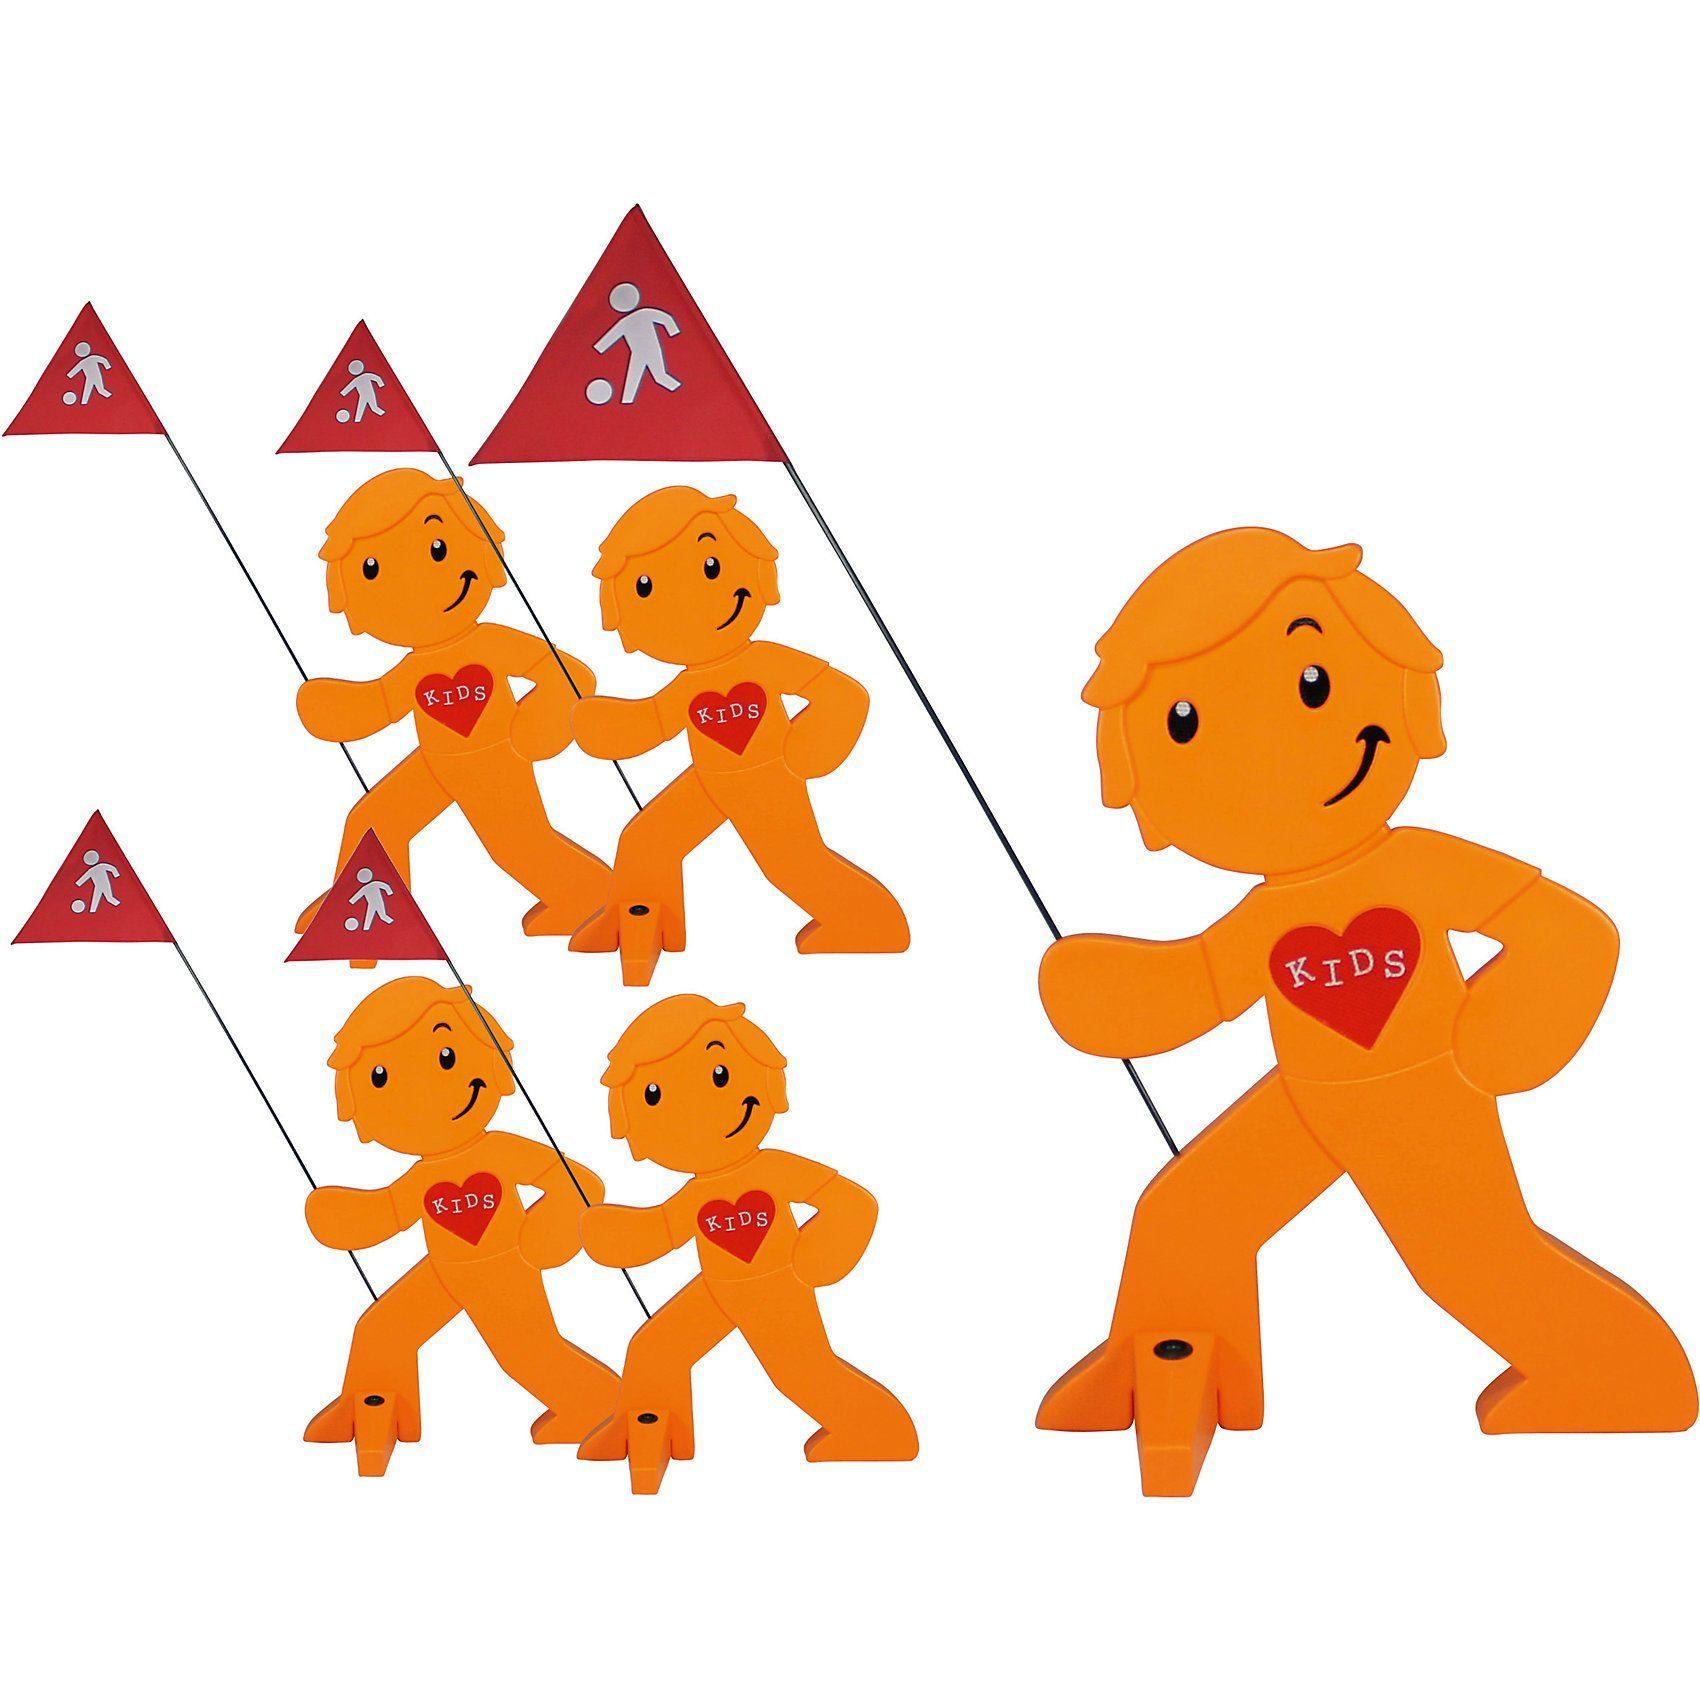 Beachtrekker StreetBuddy Warnfigur für Kindersicherheit, orange, 5 Stück